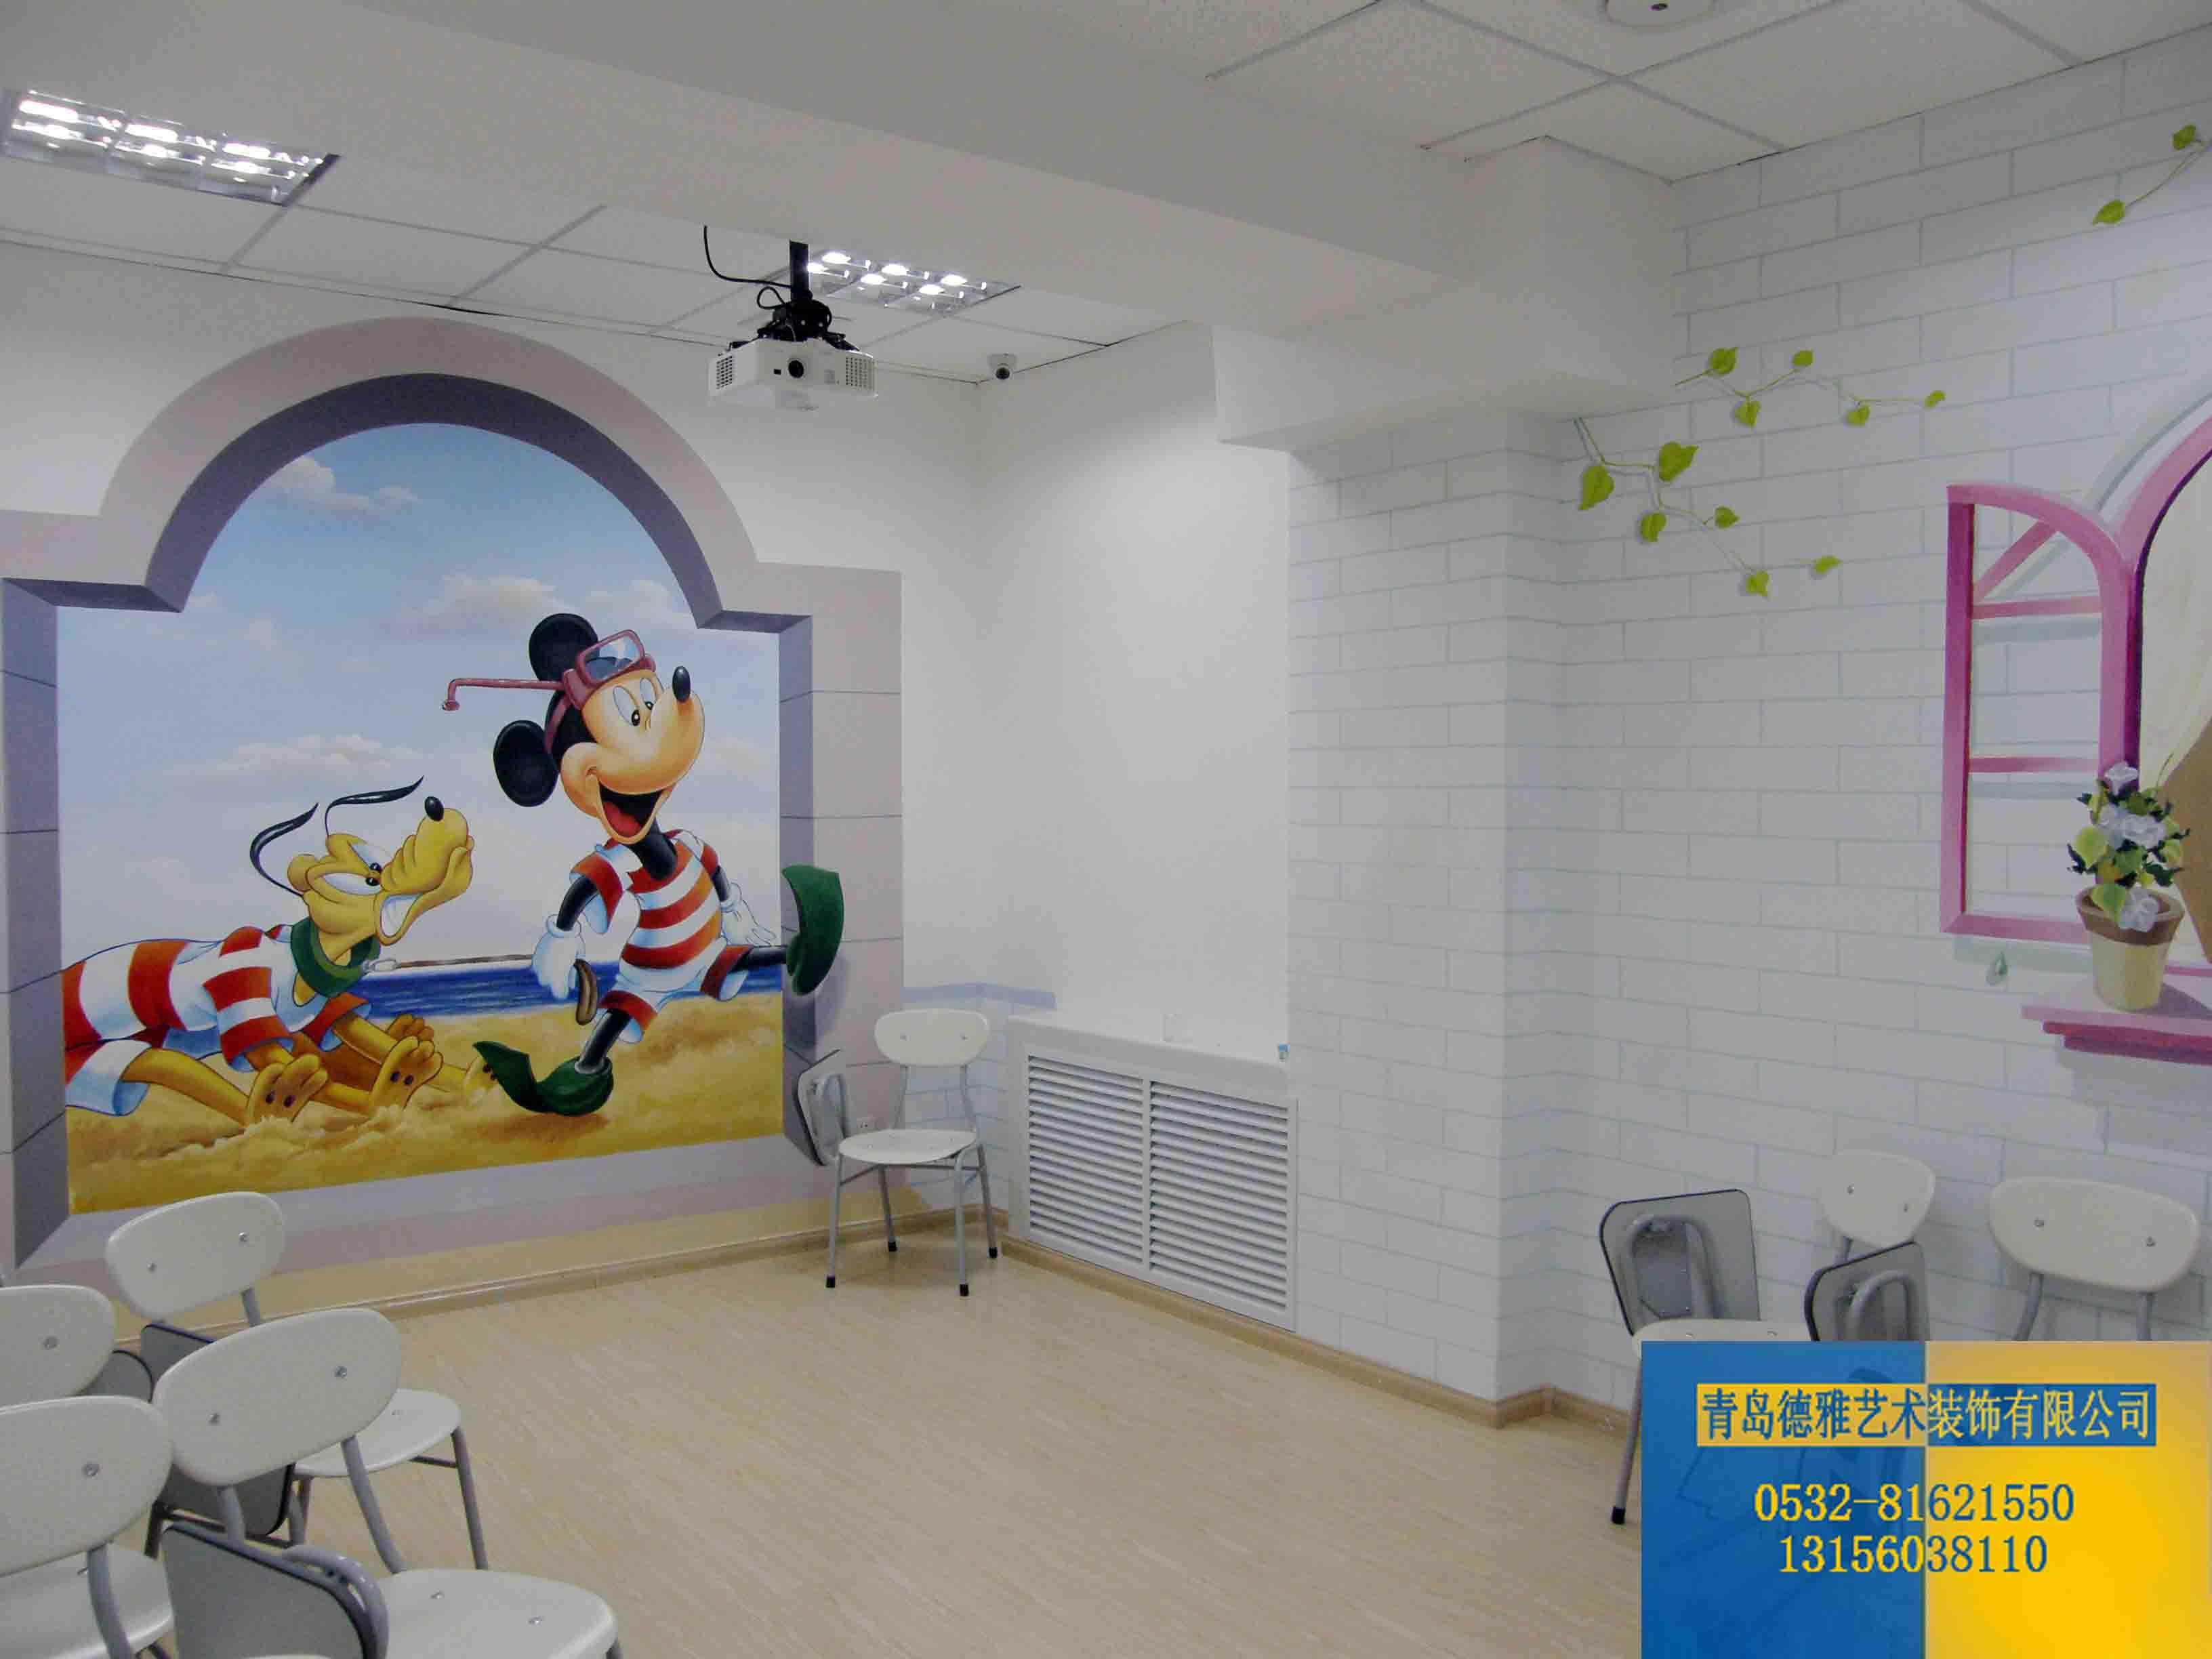 供应青岛专业幼儿园彩绘--青岛德雅彩绘有限公司青岛幼儿园彩绘